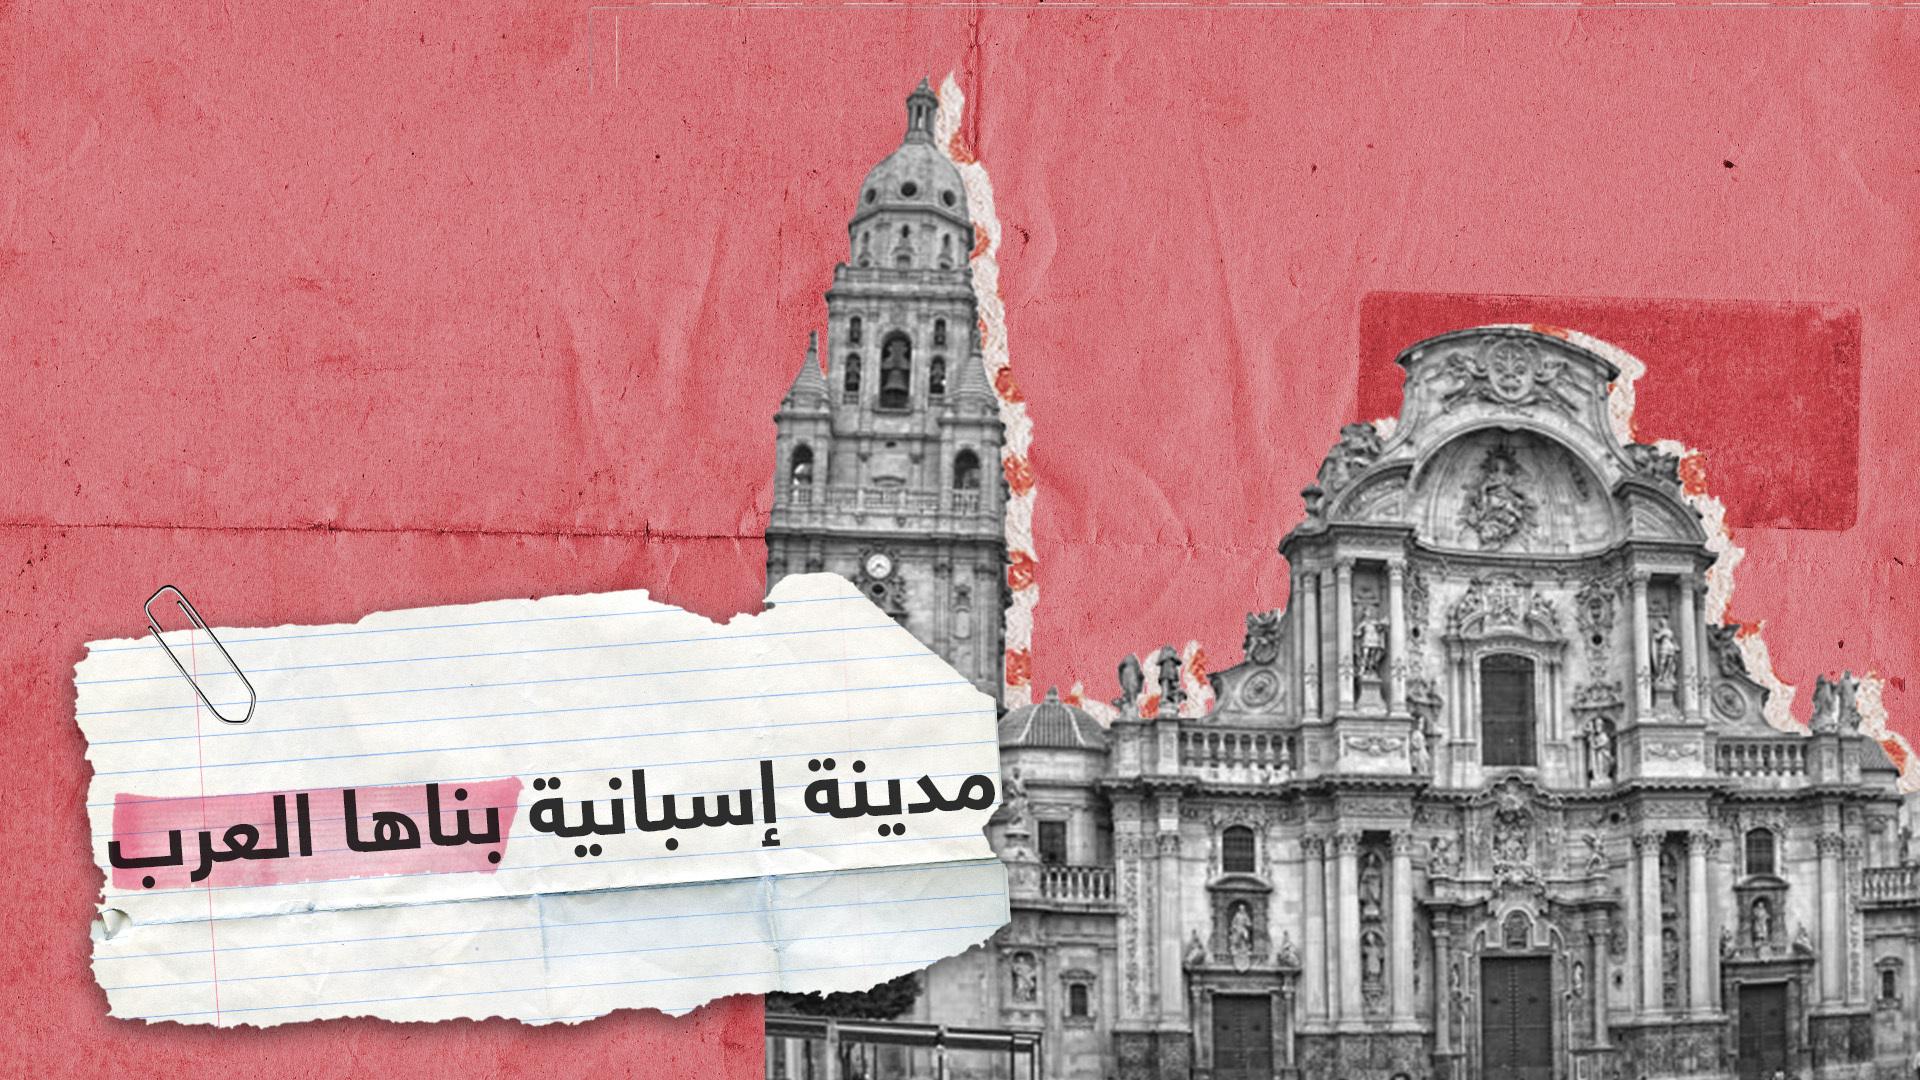 مُرسية.. مدينة إسبانية بناها العرب وتغنى بها الشعراء